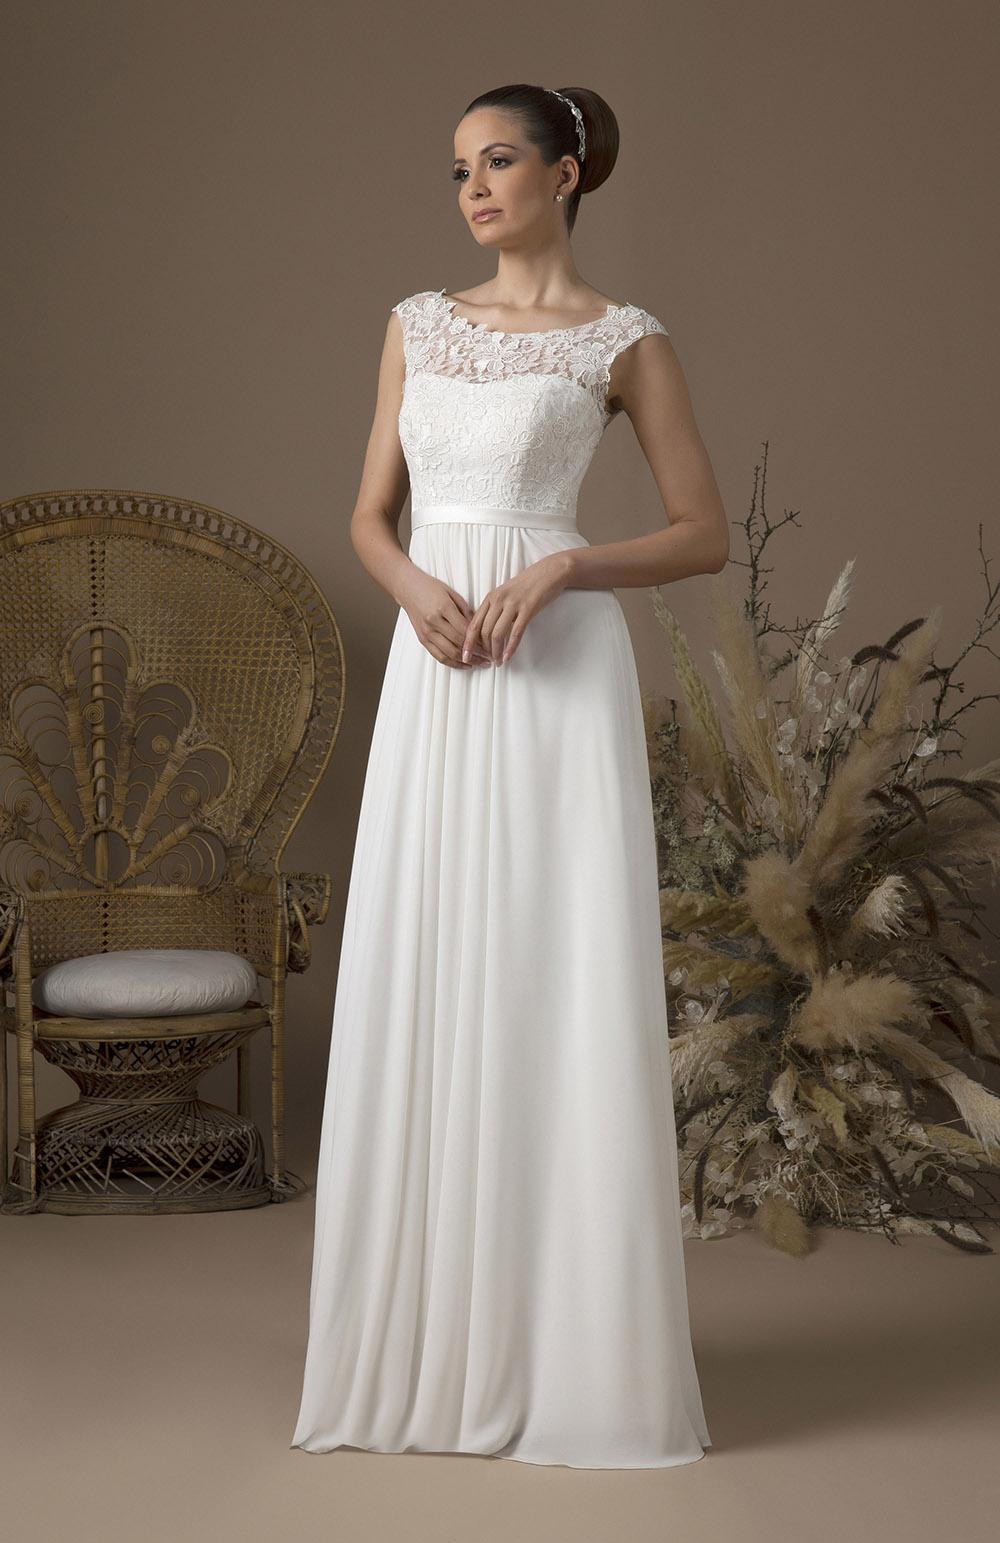 Robe de mariée Modèle Randa